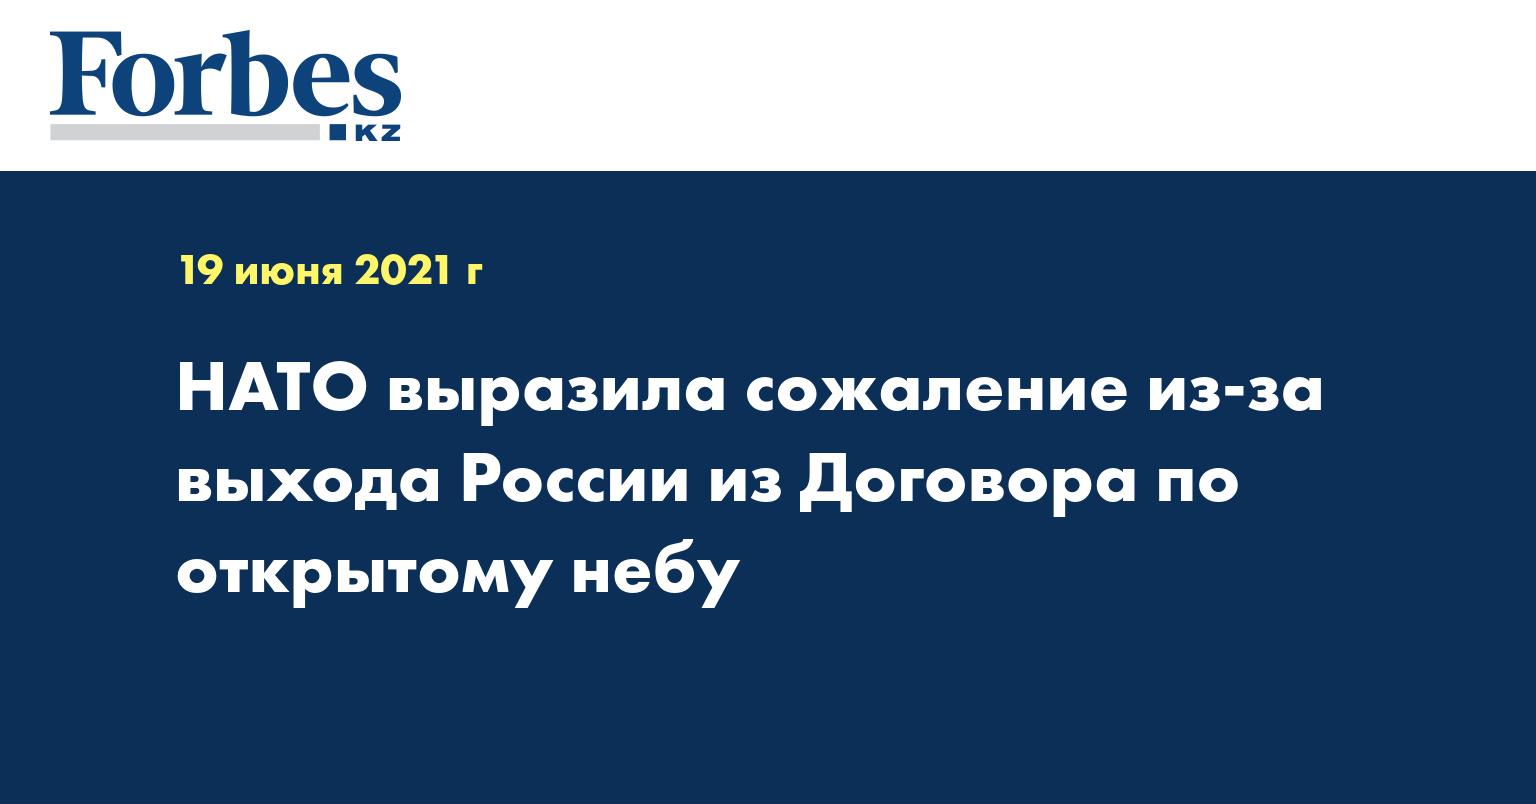 НАТО выразила сожаление из-за выхода России из Договора по открытому небу